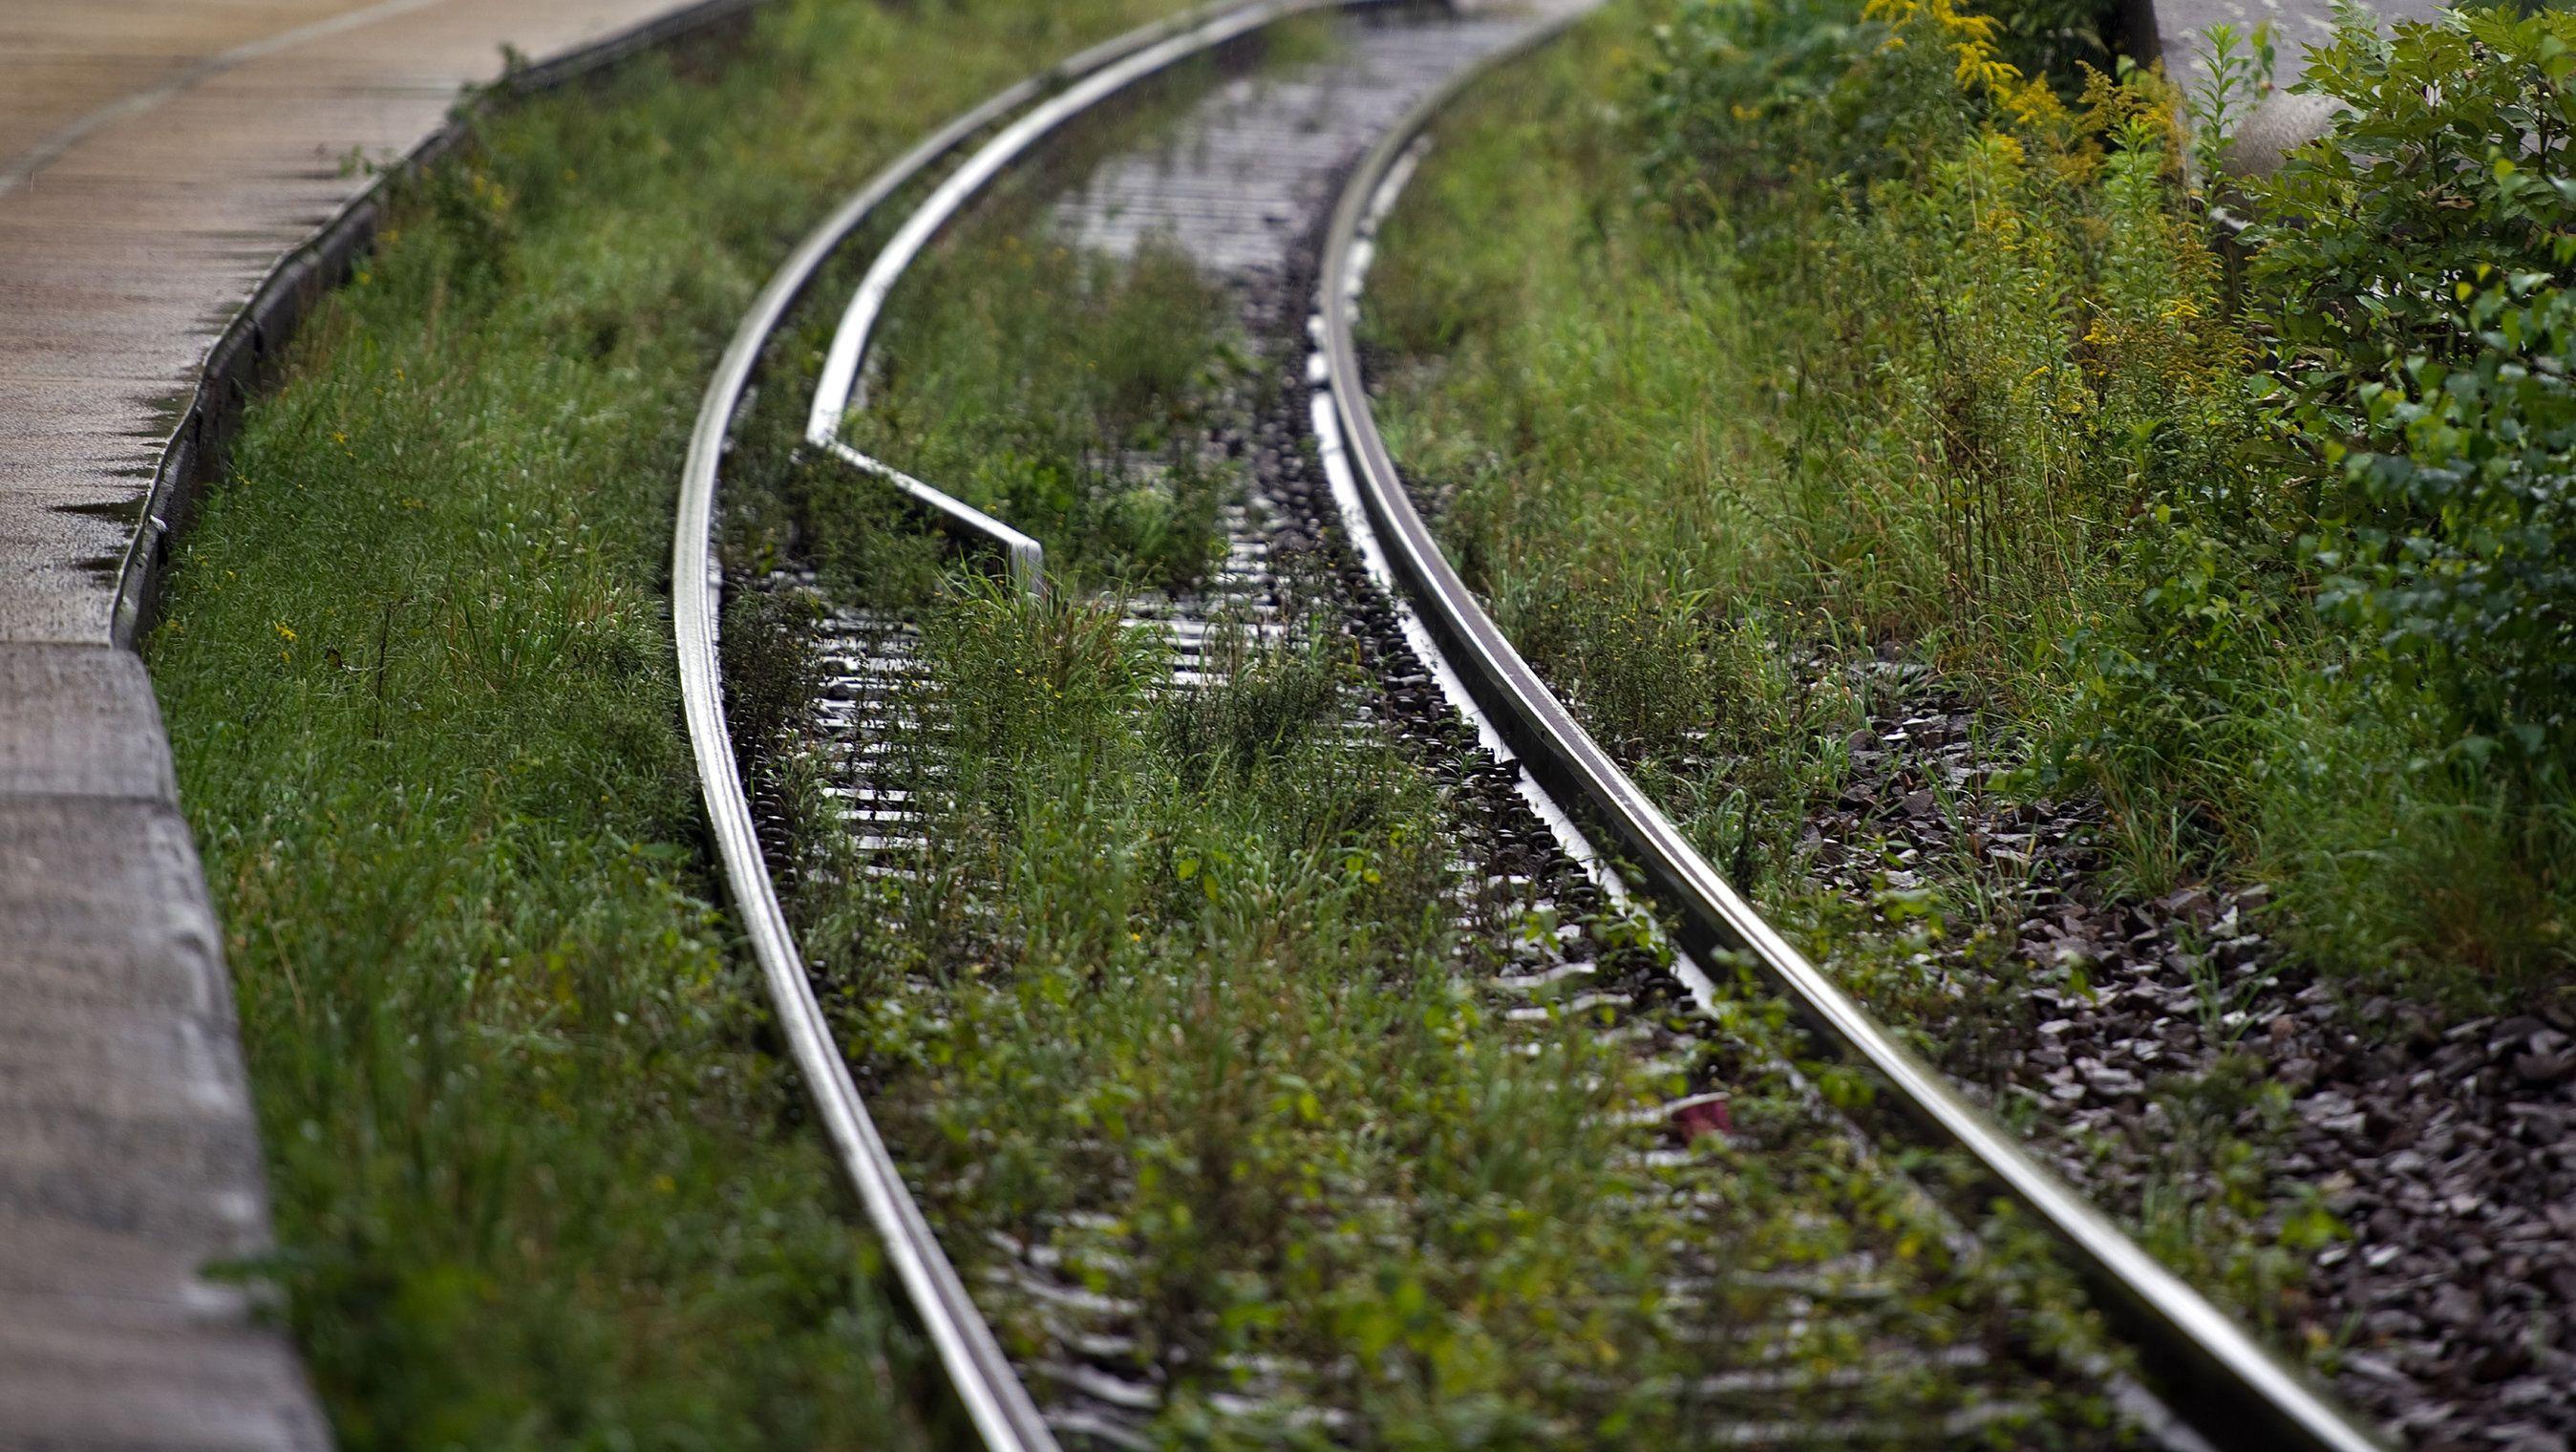 Gras und Unkraut zwischen Schienen.